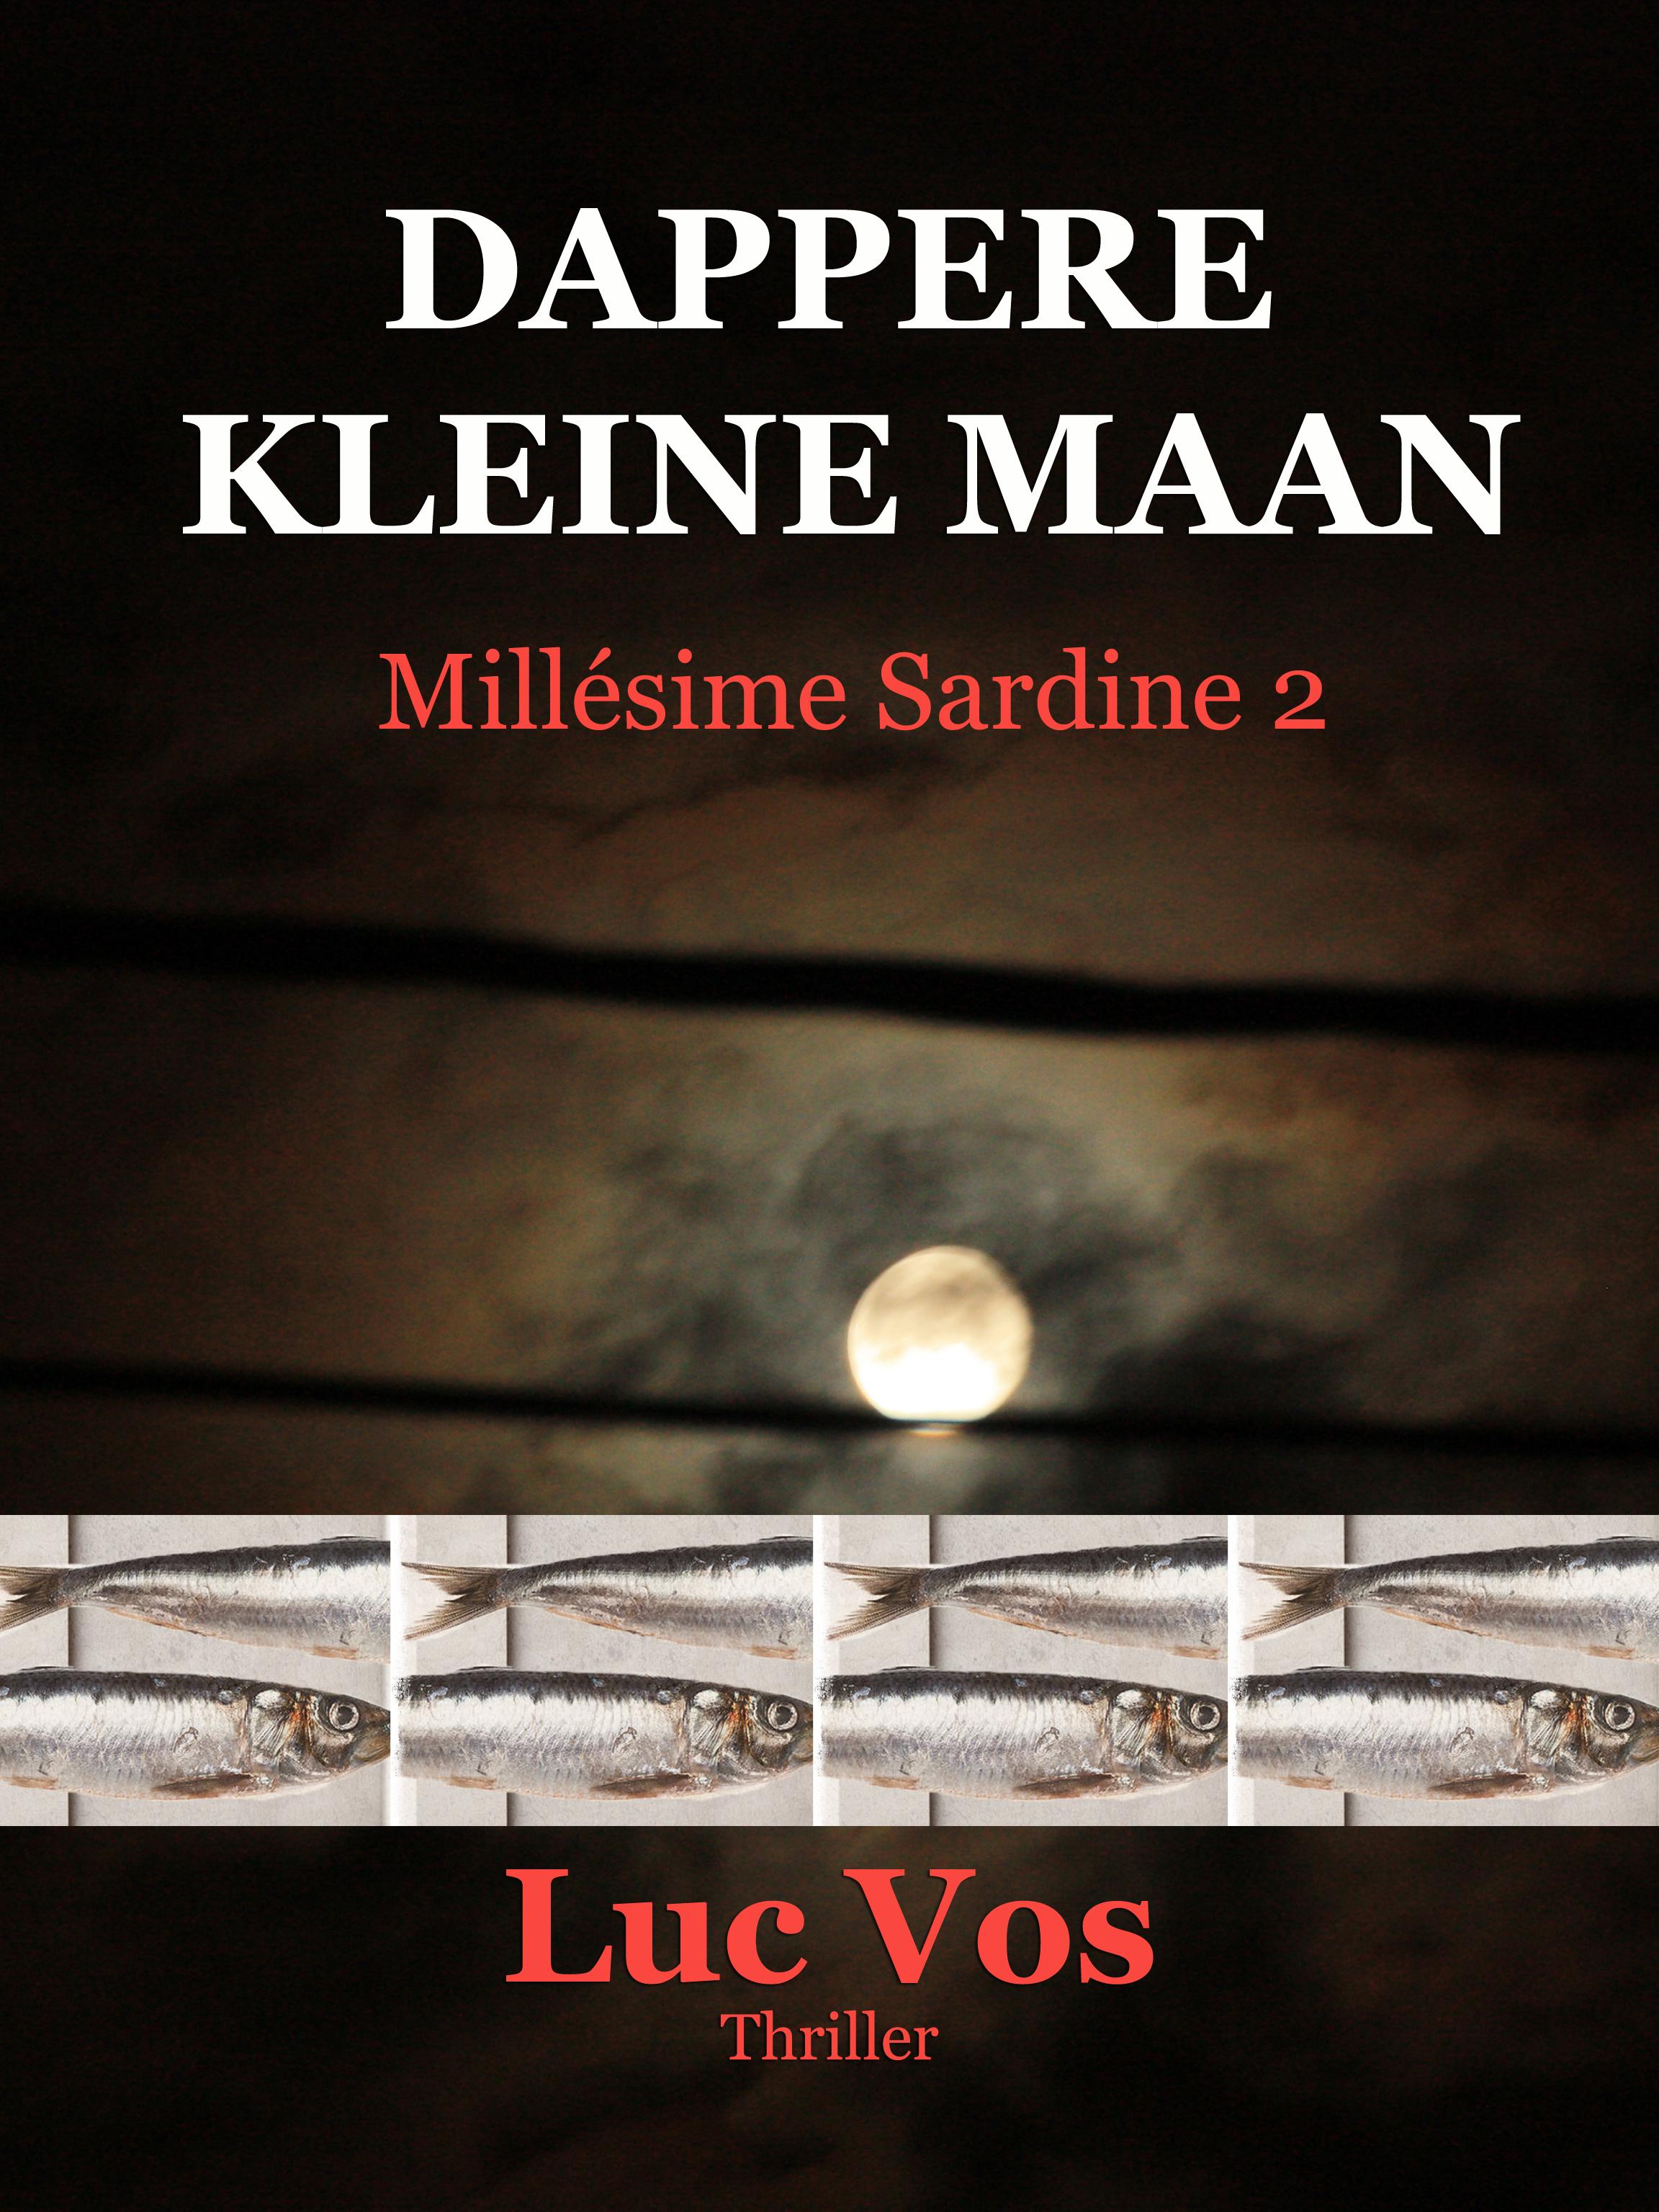 Dappere Kleine Maan, Millésime Sardine 2 Luc Vos